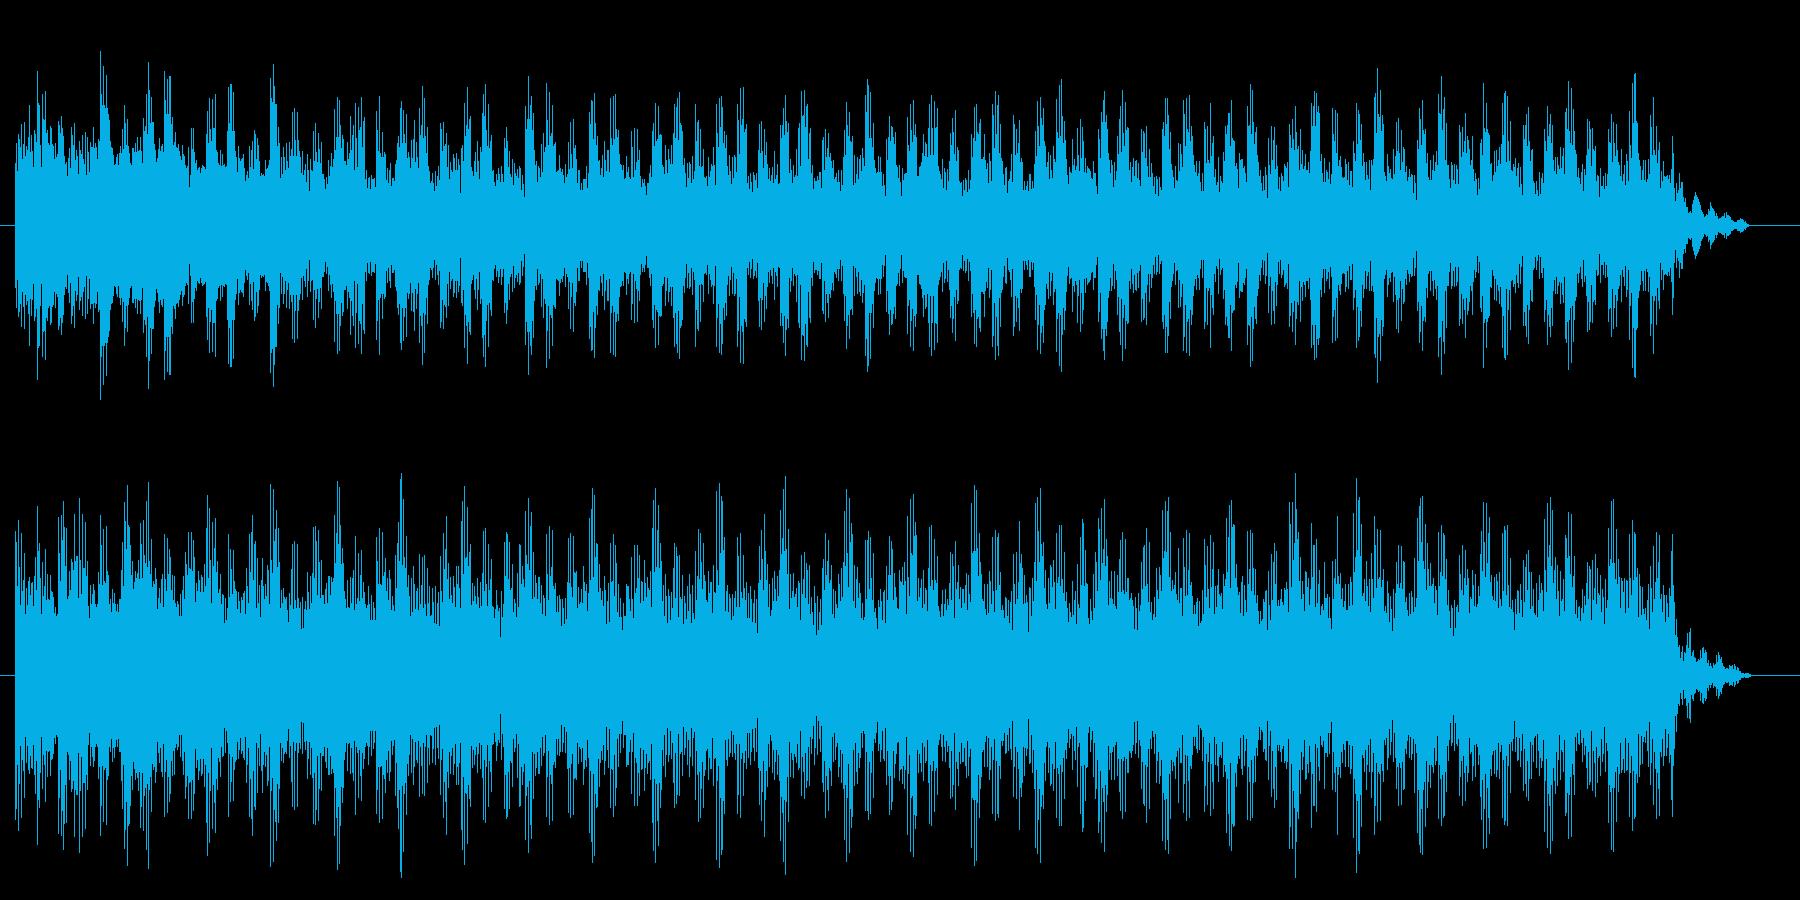 ニュース、トピック、情報番組っぽいBGMの再生済みの波形